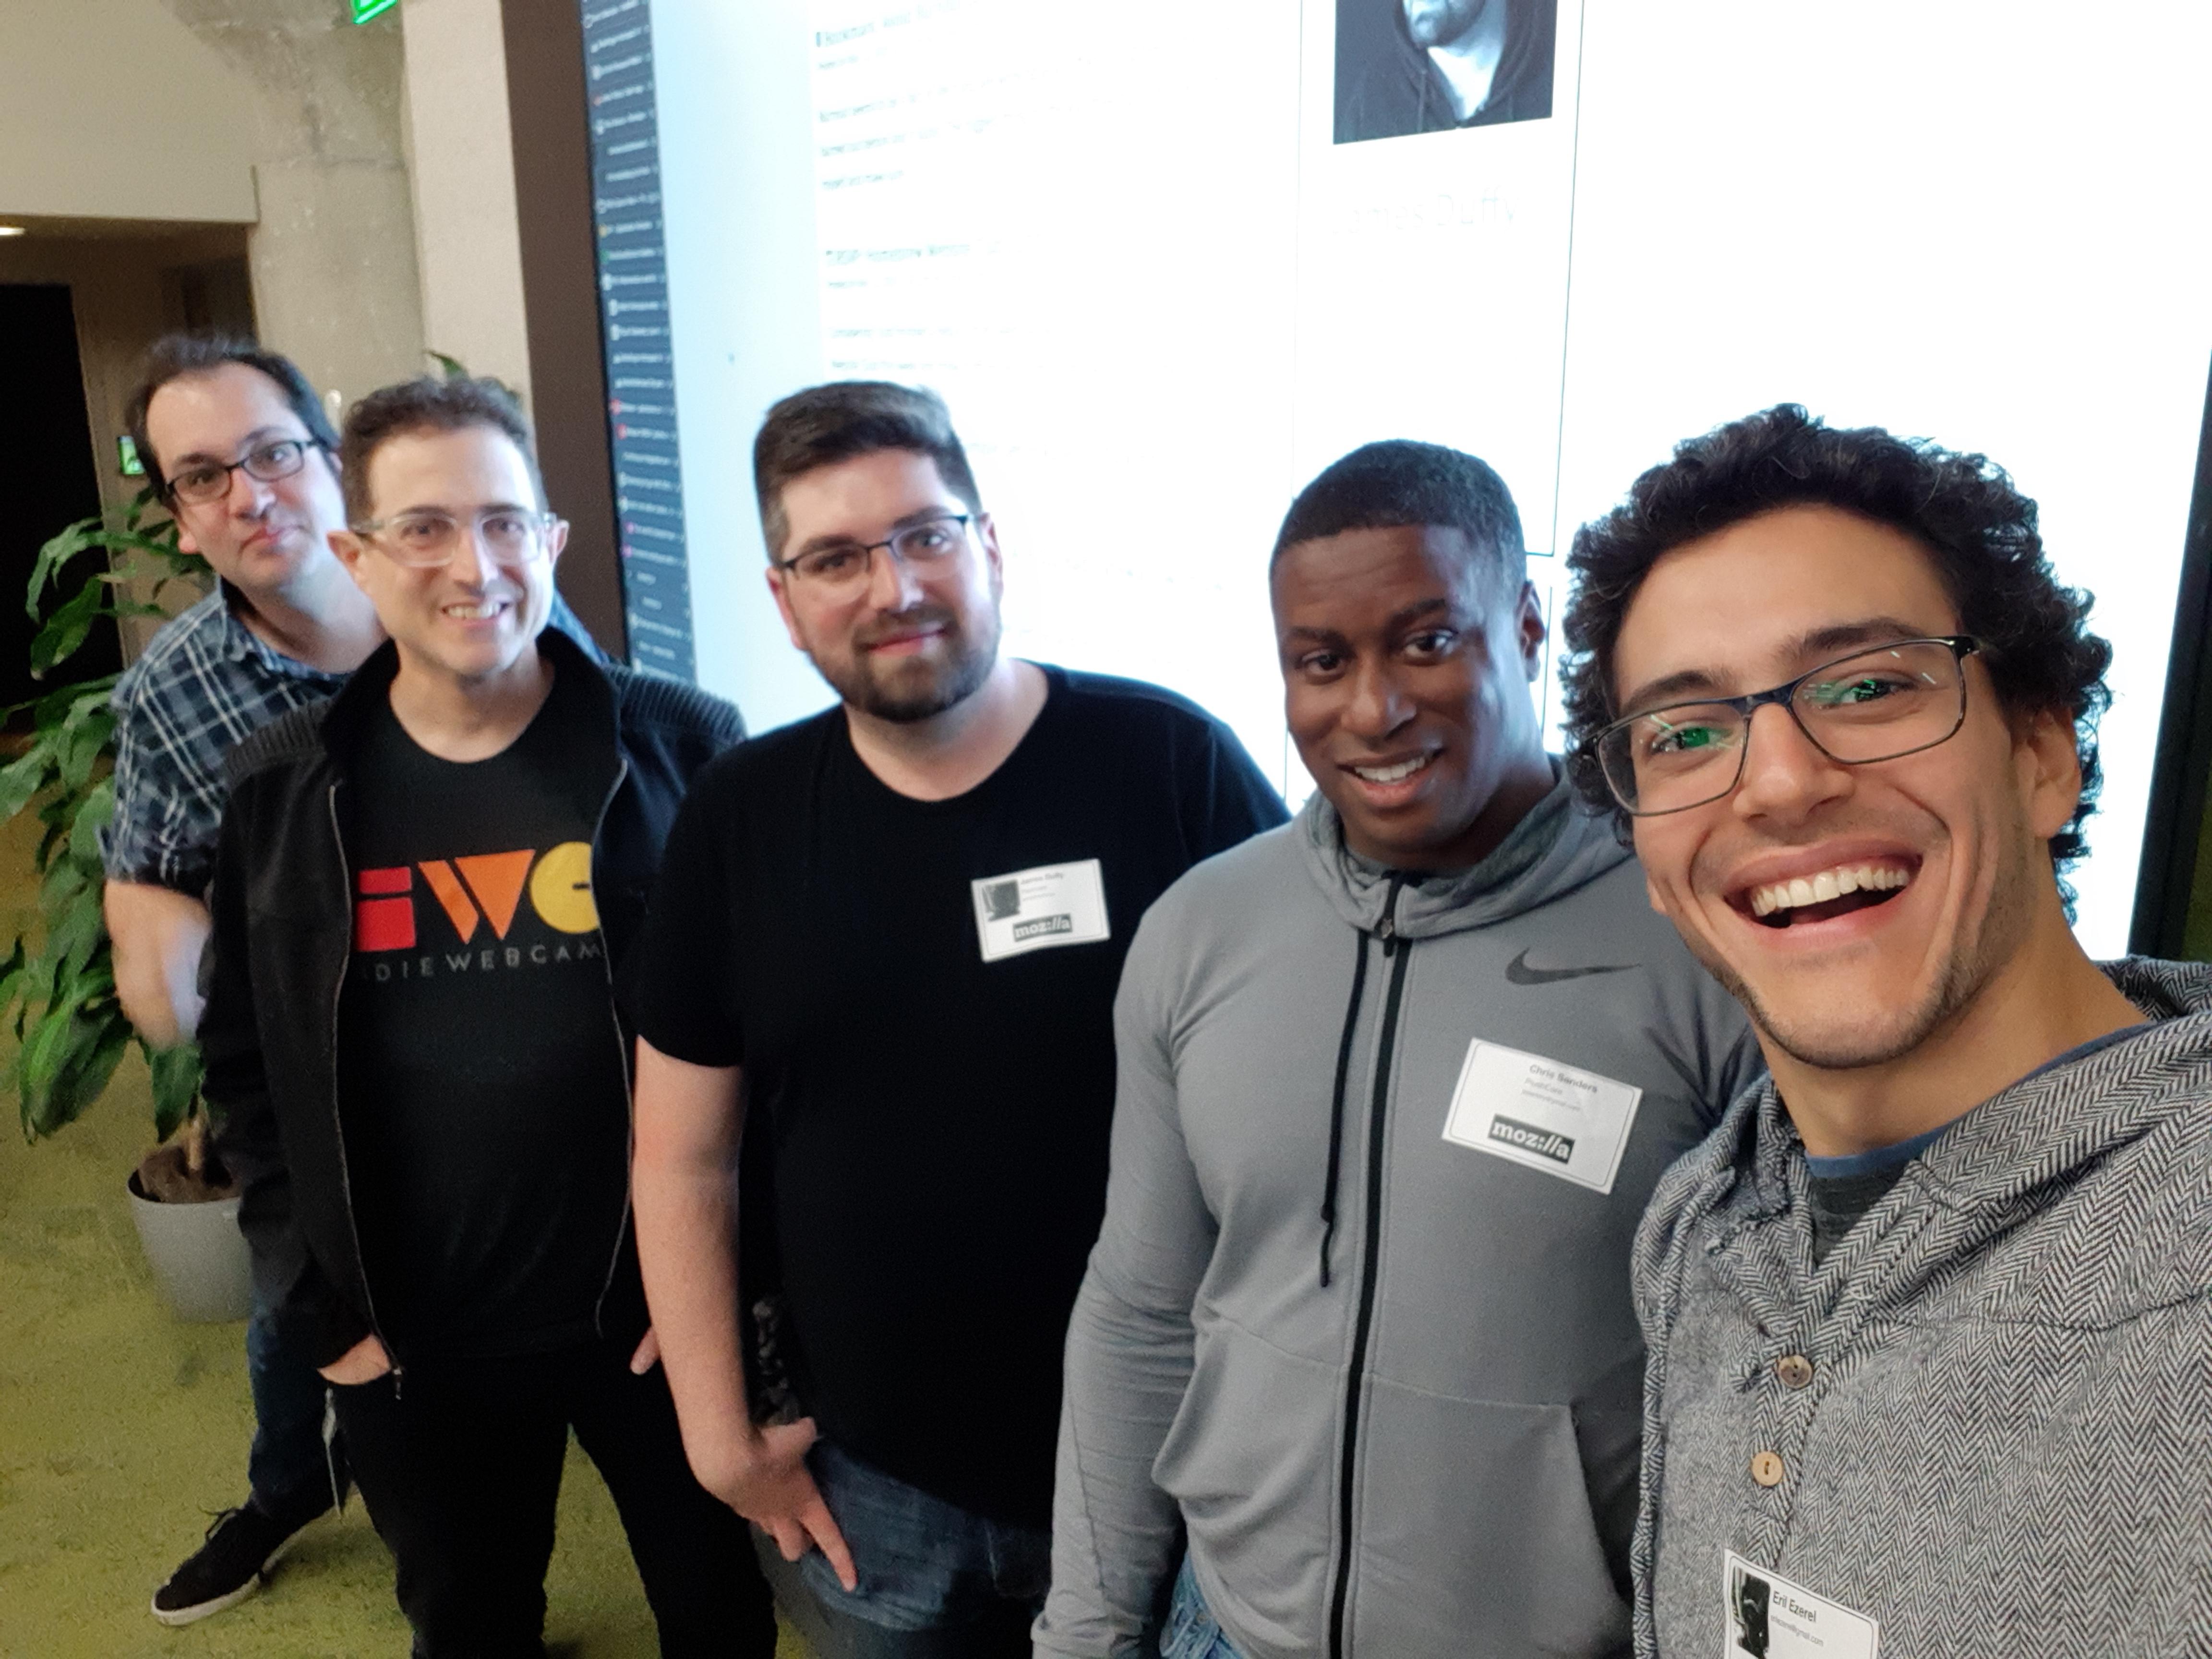 Ben Werdmüller, Tantek Çelik, James Duffy, Chris, and Eril at Homebrew Website Club San Francisco at Mozilla